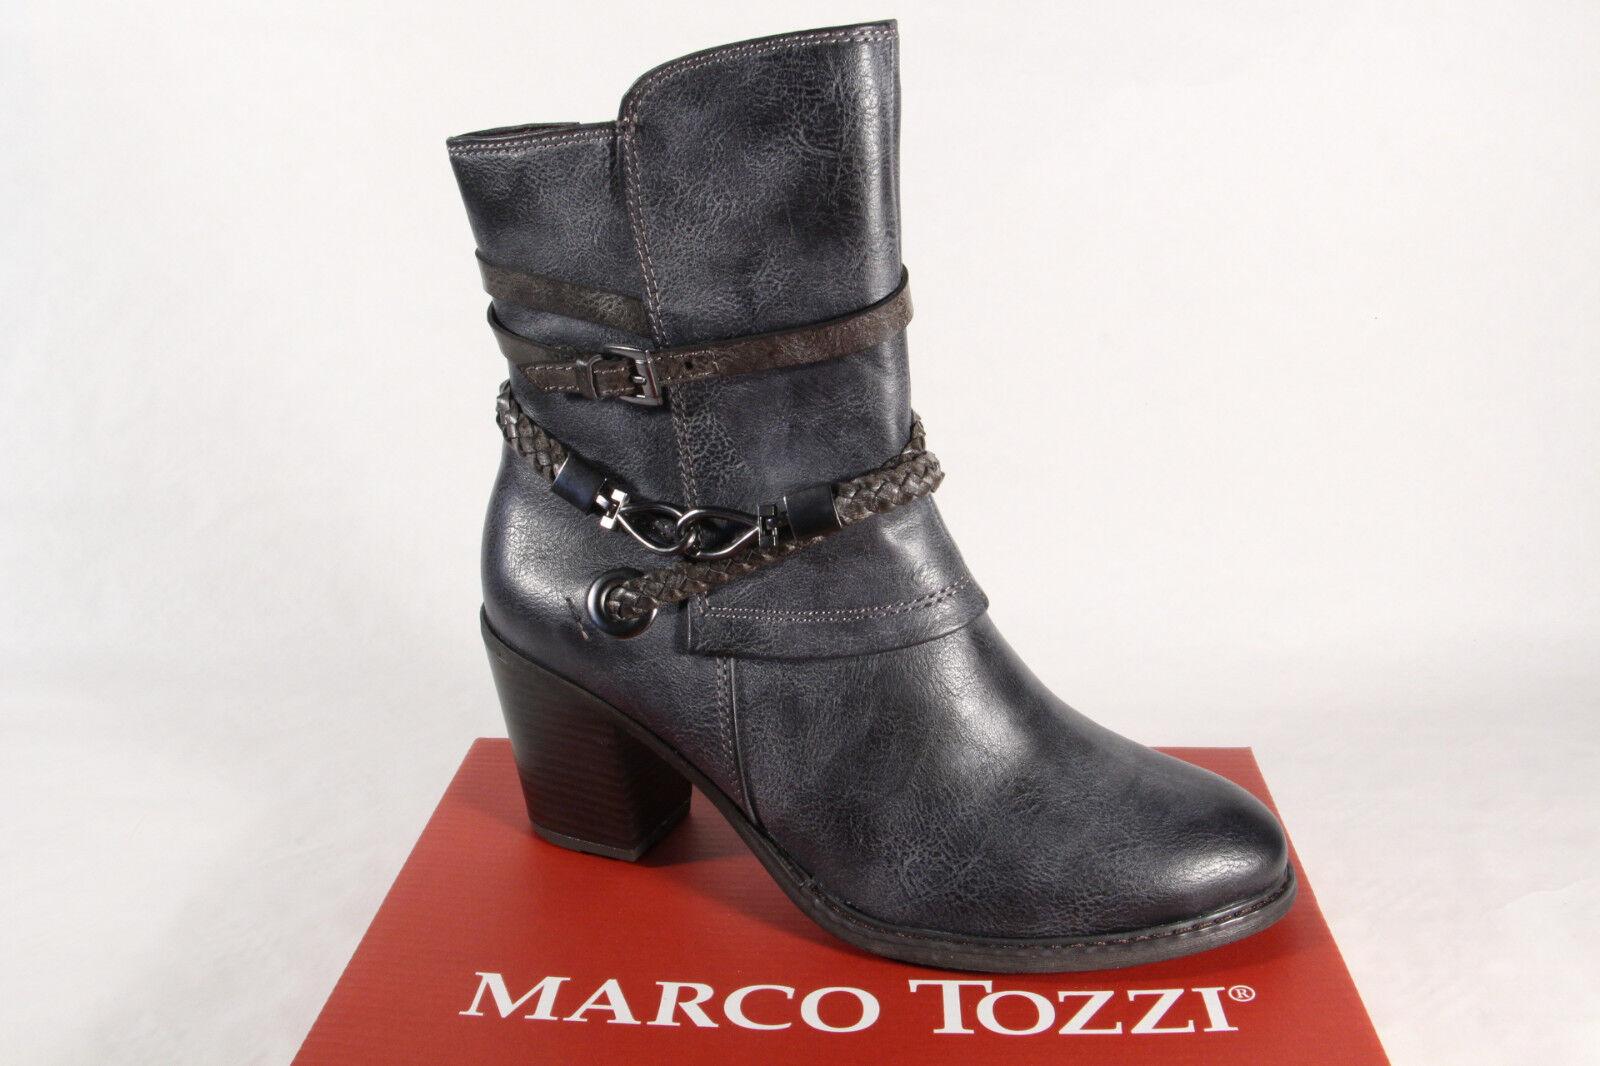 Marco Tozzi botas Mujer 25344 Botines Botines Botines de Cordón, Azul Marino Azul Nuevo  venta al por mayor barato